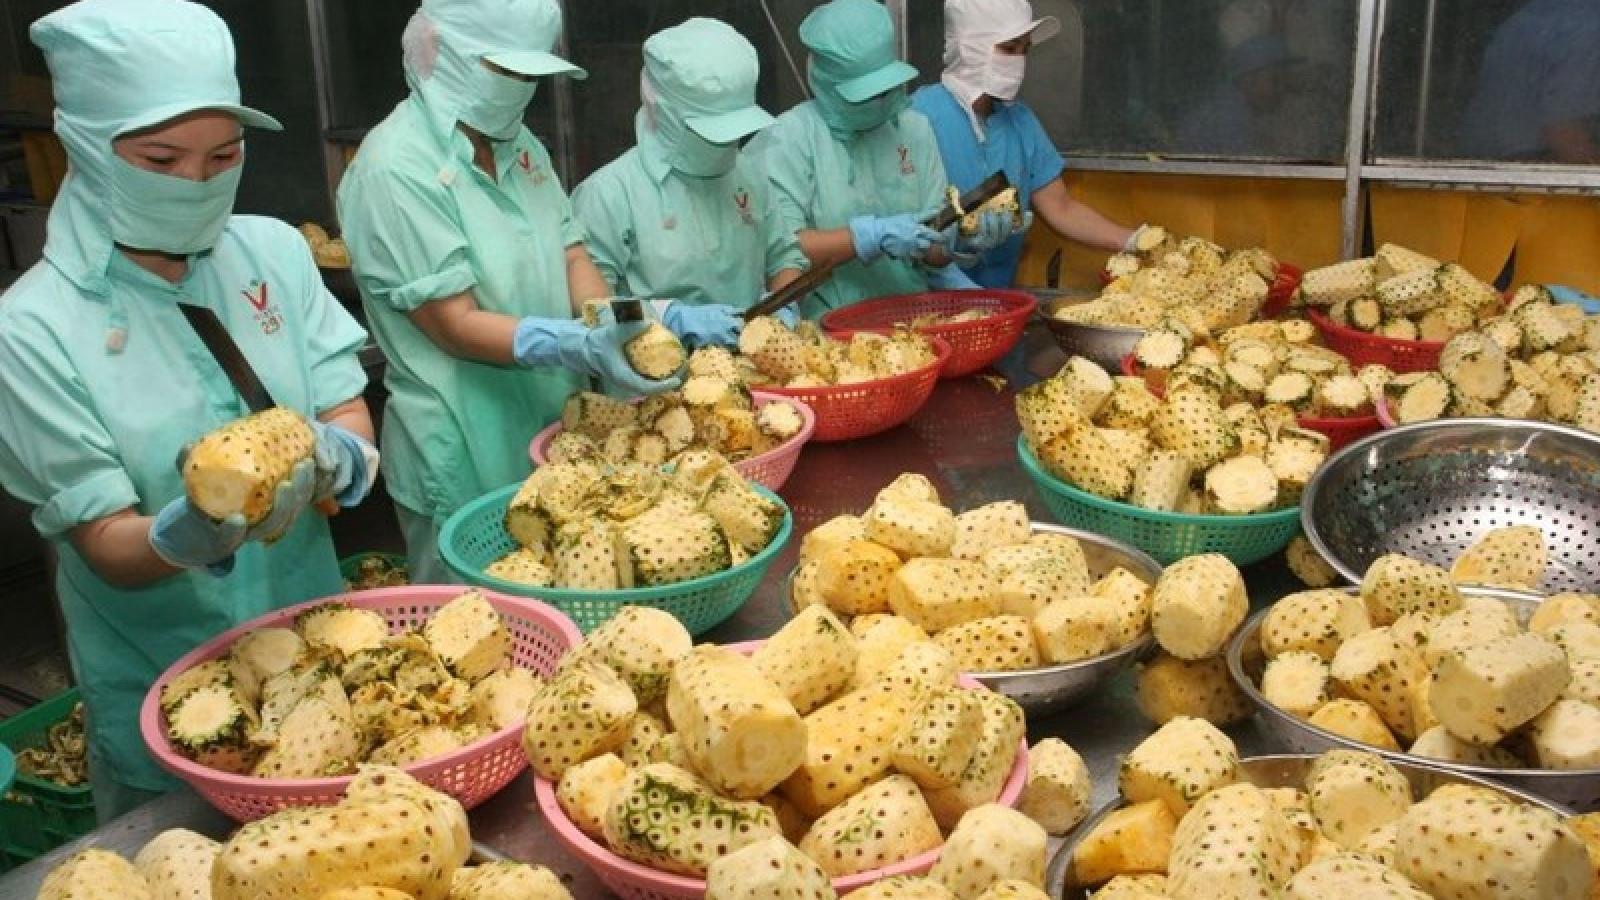 Xuất khẩu nông sản Việt sang thị trường Ma Rốc cần cạnh tranh về giá